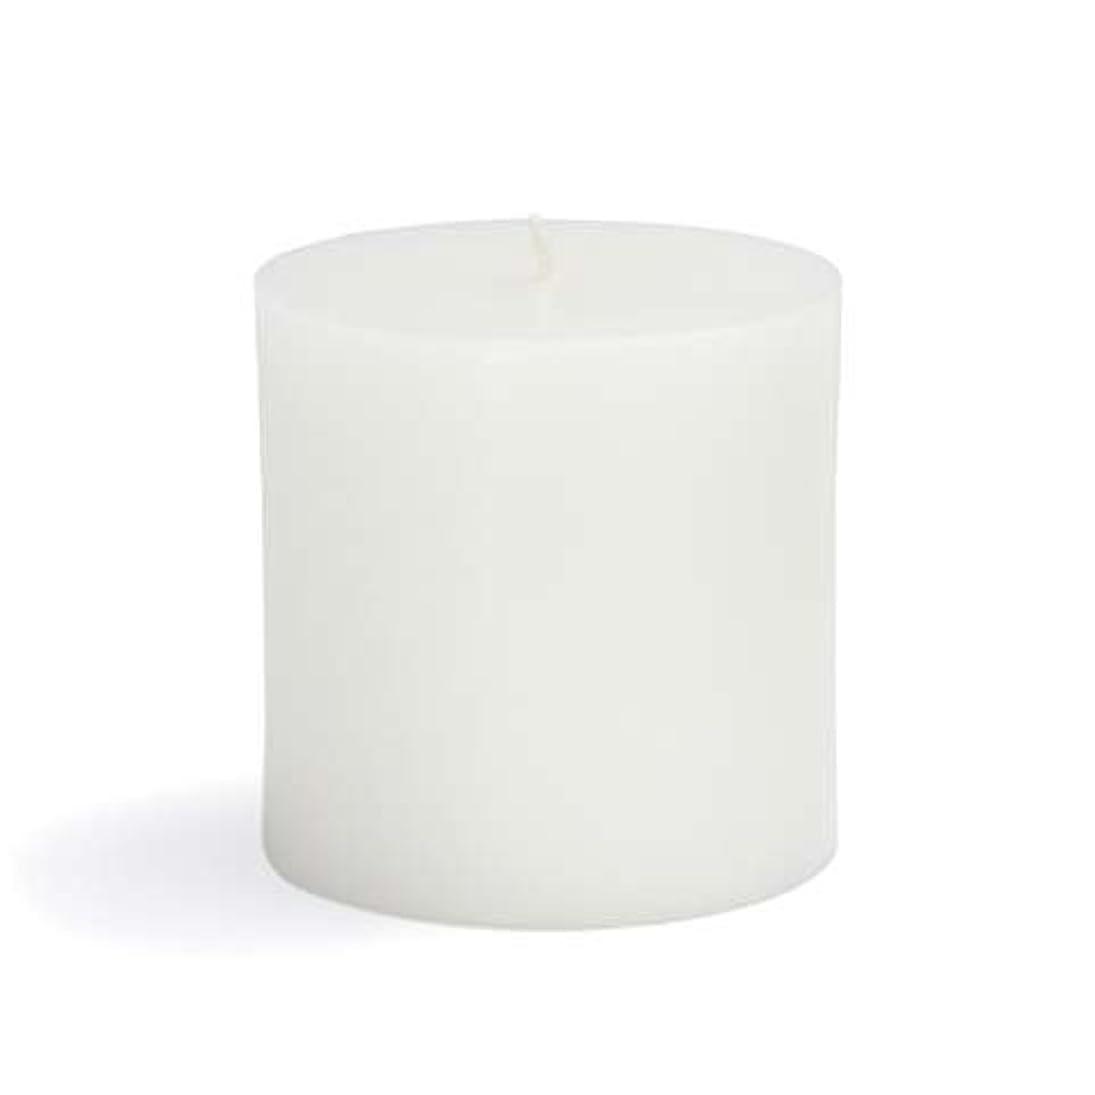 禁止徐々に楽しませるZest Candle CPZ-071-12 3 x 3 in. White Pillar Candles -12pcs-Case- Bulk